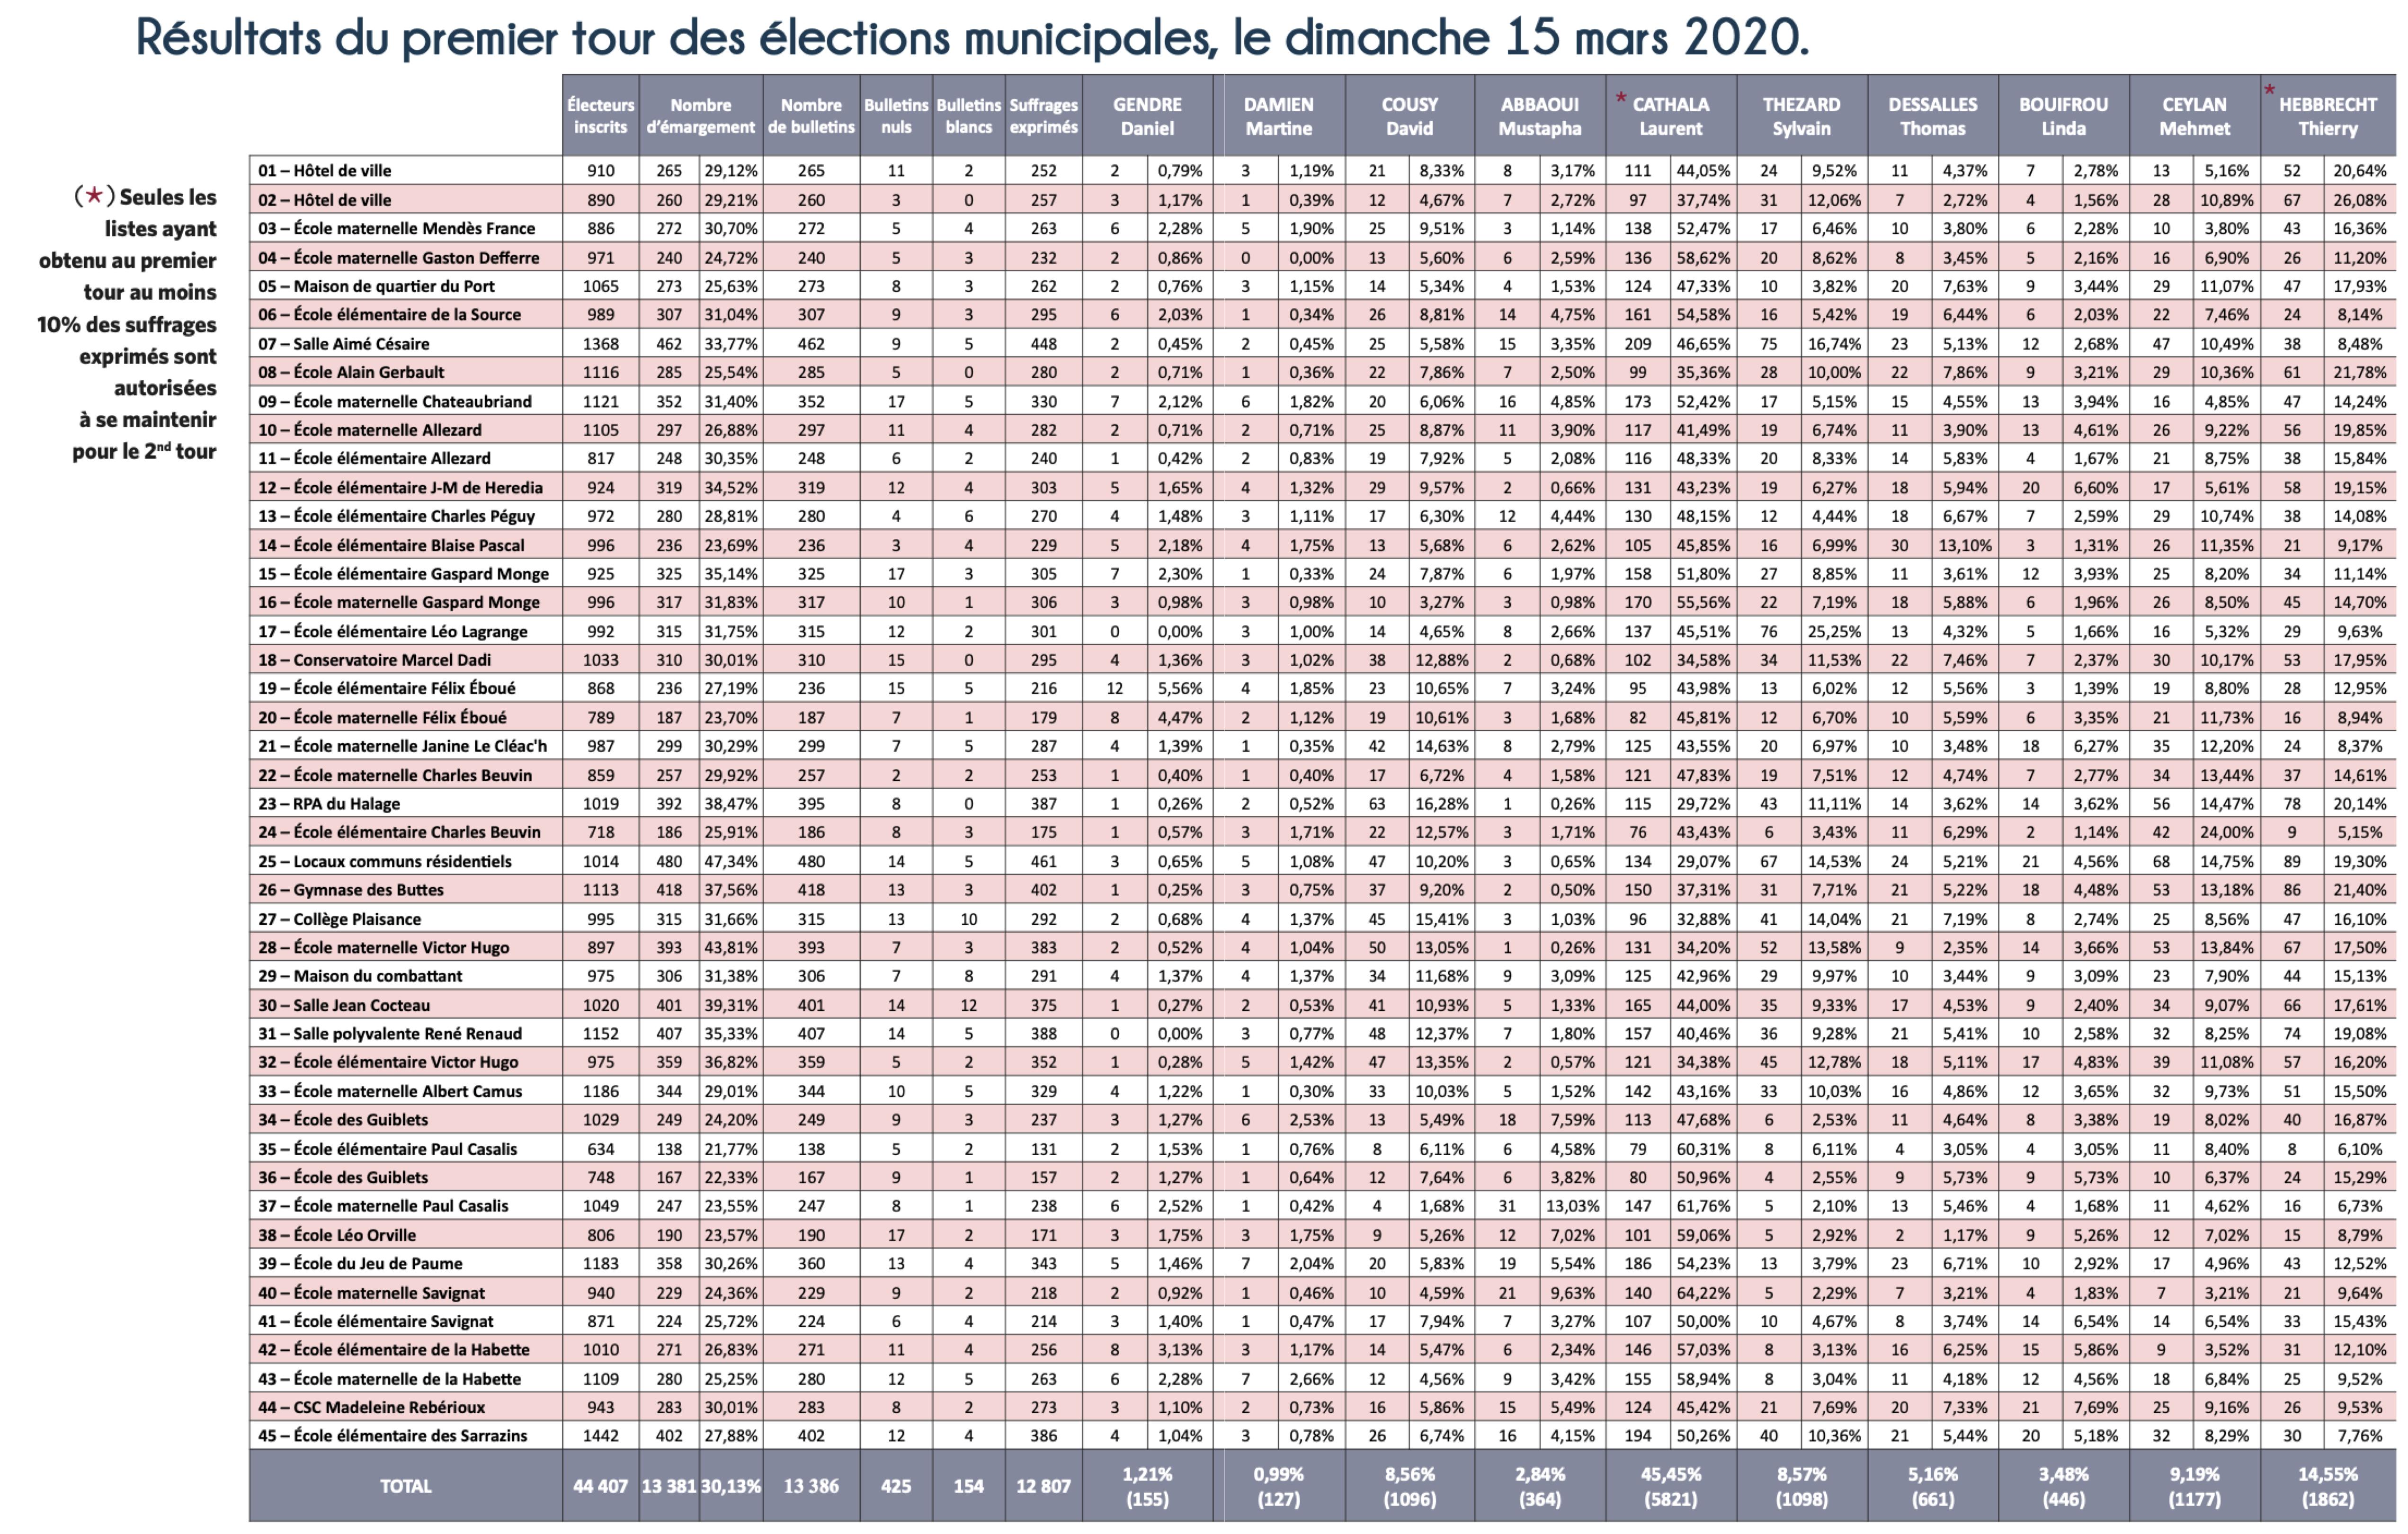 Résultats du premier tour des élections municipales, le dimanche 15 mars 2020.